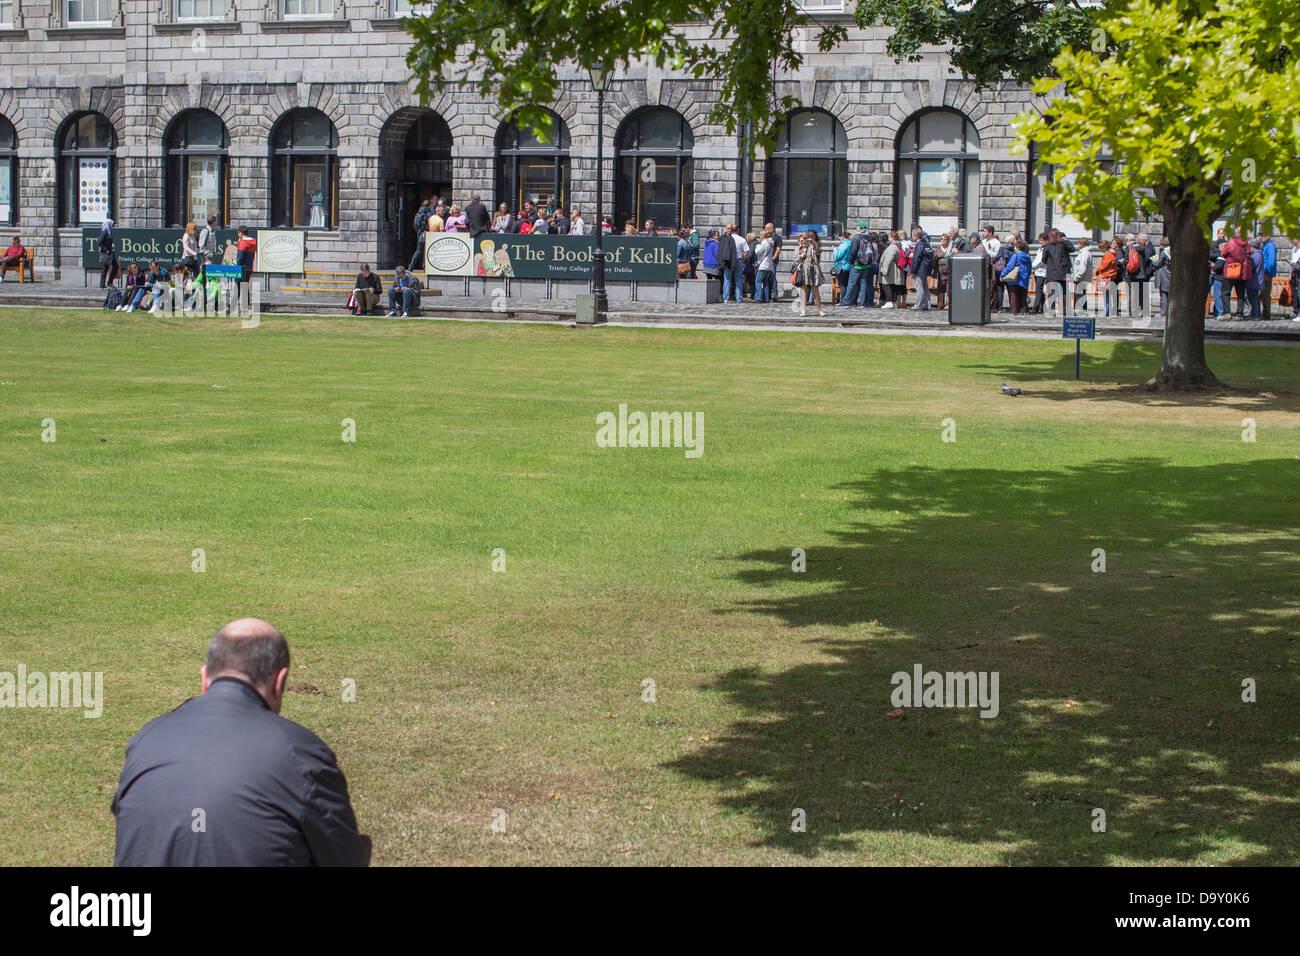 Les gens de la file d'attente pour voir le Livre de Kells, Trinity College, Dublin, Irlande. Banque D'Images